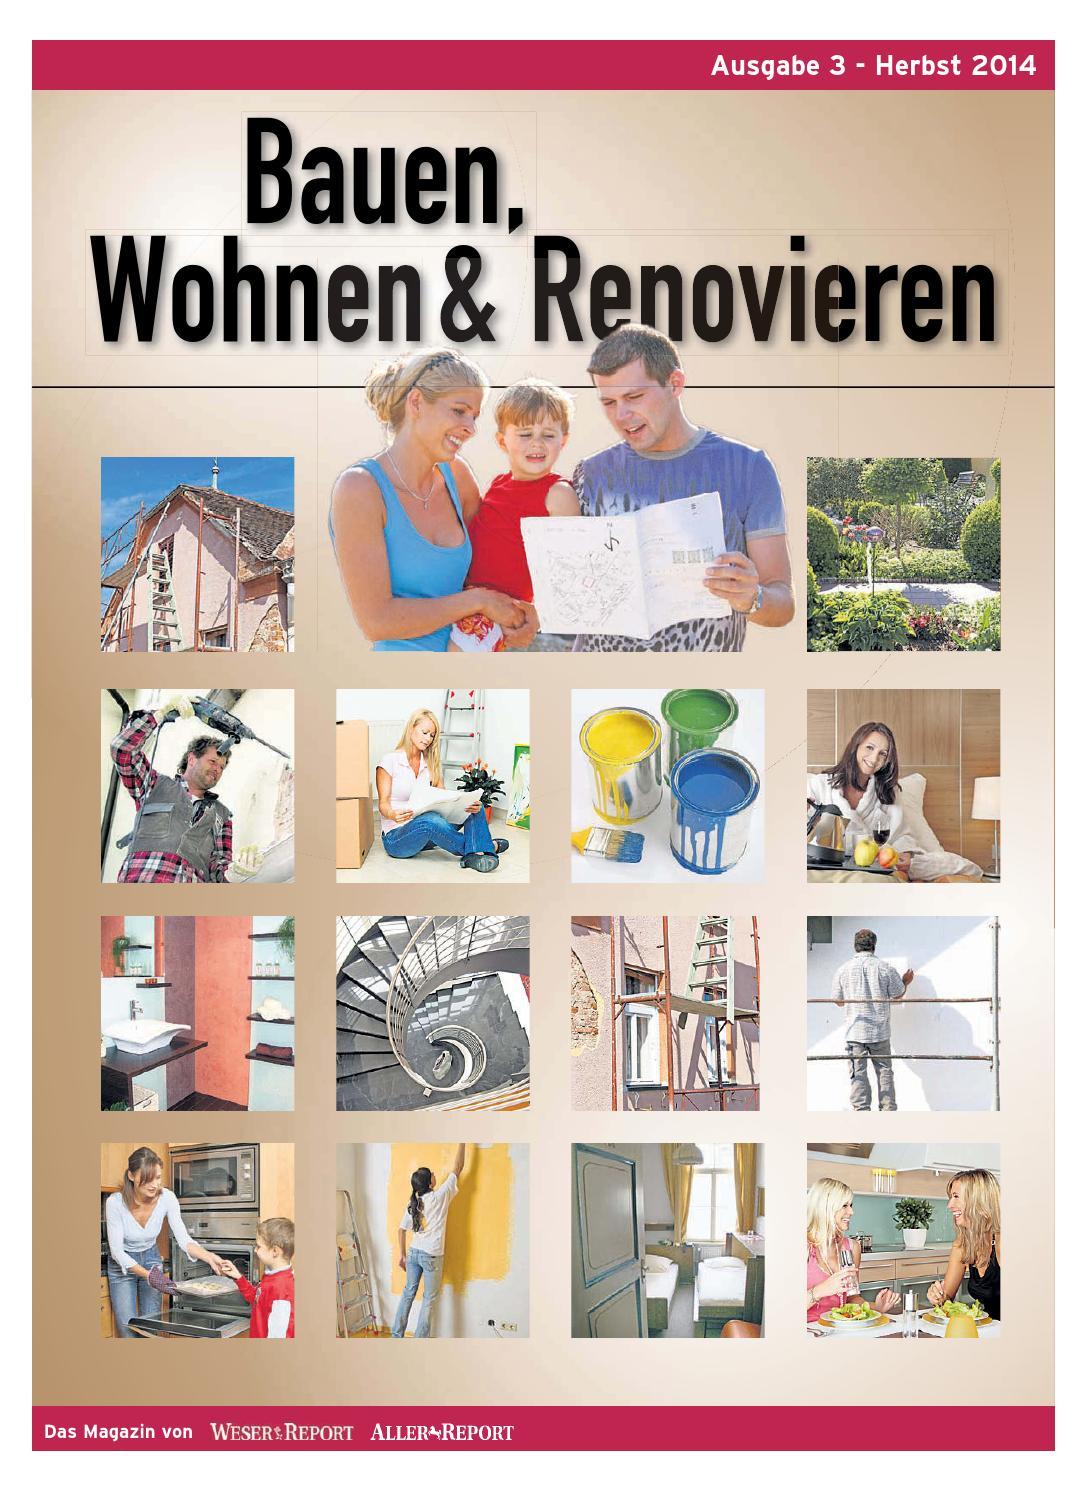 Bauen Wohnen & Renovieren by KPS Verlagsgesellschaft mbH - issuu